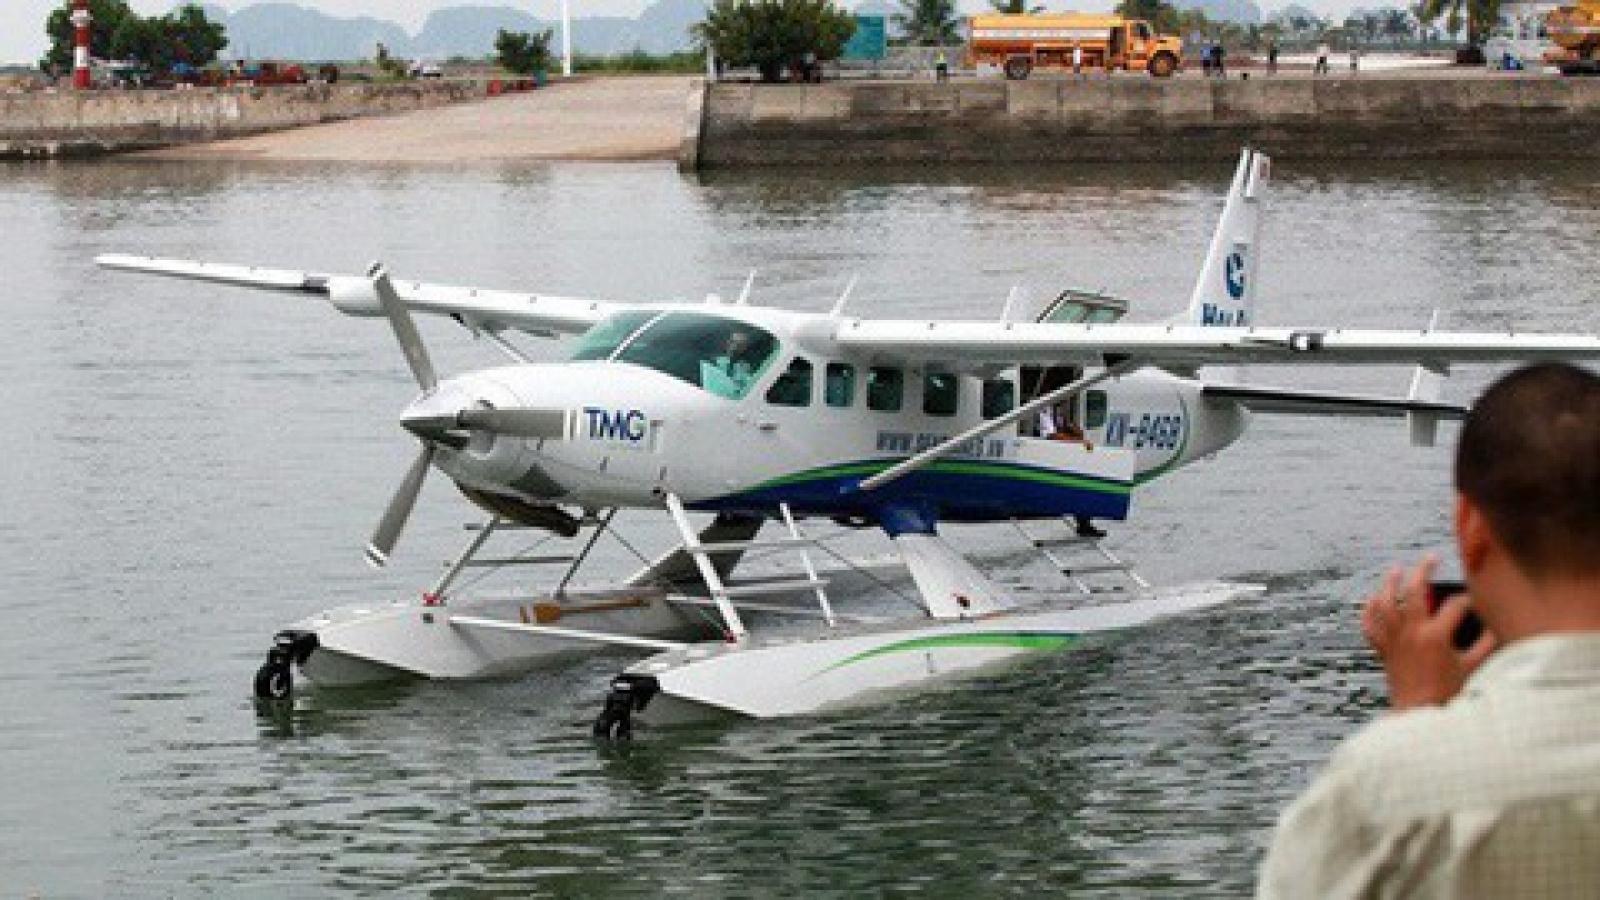 Thủ tướng yêu cầu rà soát chặt chẽ việc lập hãng hàng không Cánh Diều